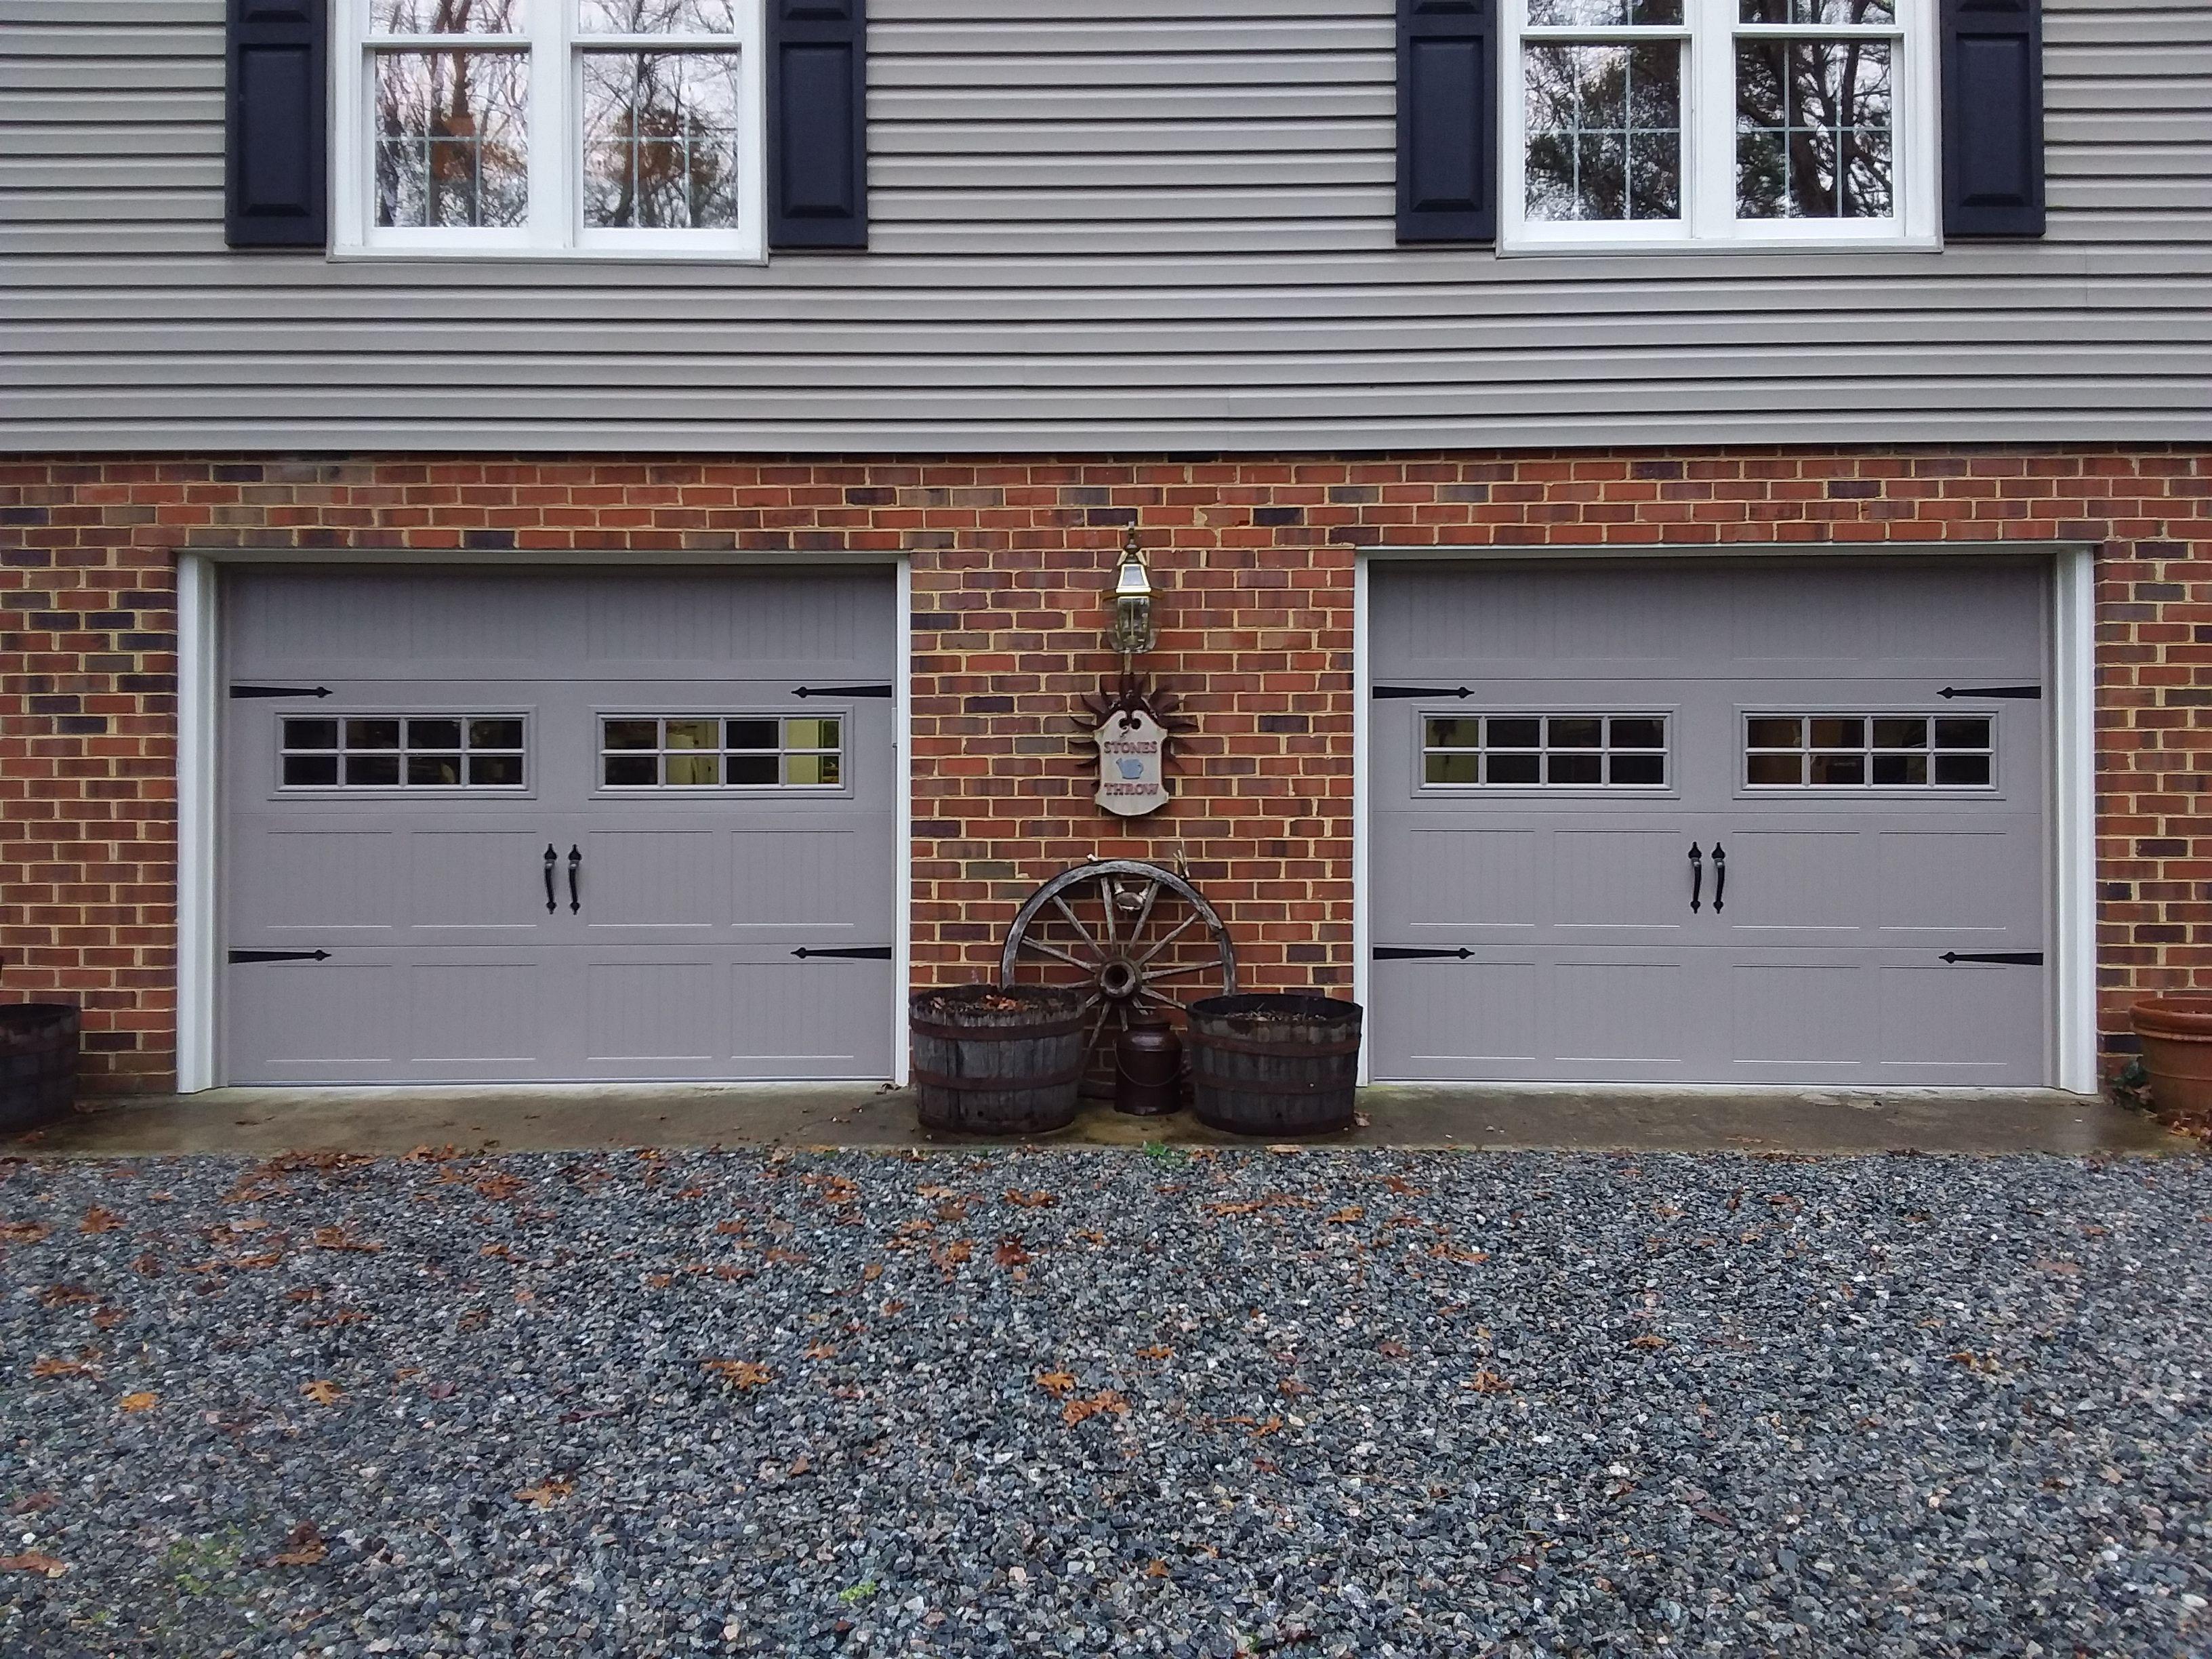 Stamped Steel Insulated Carriage House Model 5251 Teamappledoor In 2020 Garage Doors Doors Outdoor Decor